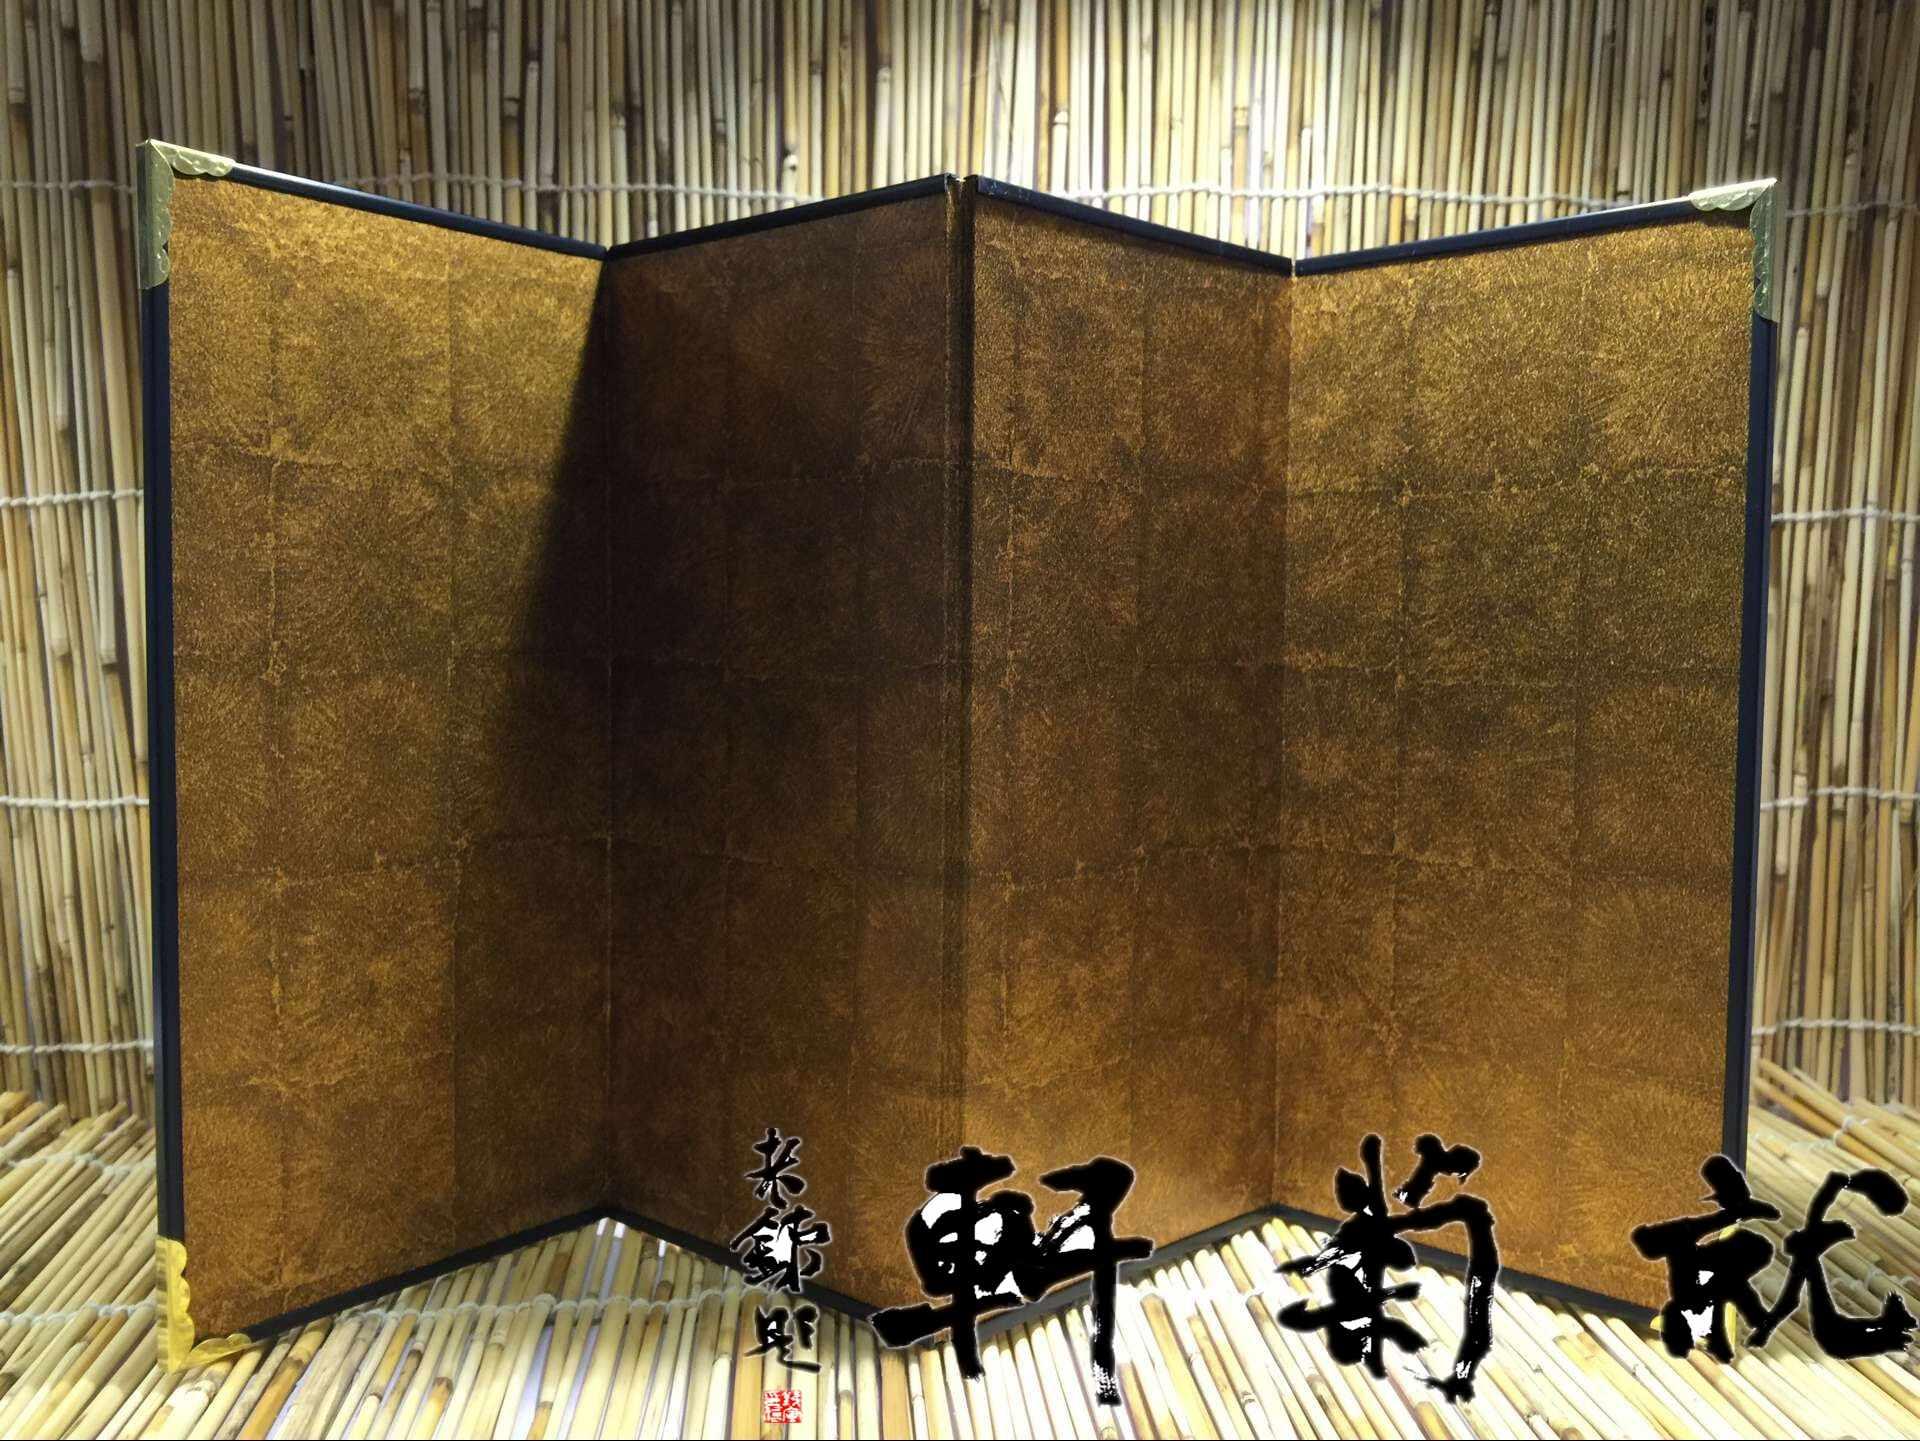 Иморт из японии четыре песня небольшой мишура Чернила камень экран экран качели в порядке работы прекрасный на хризантема сюань бесплатная доставка